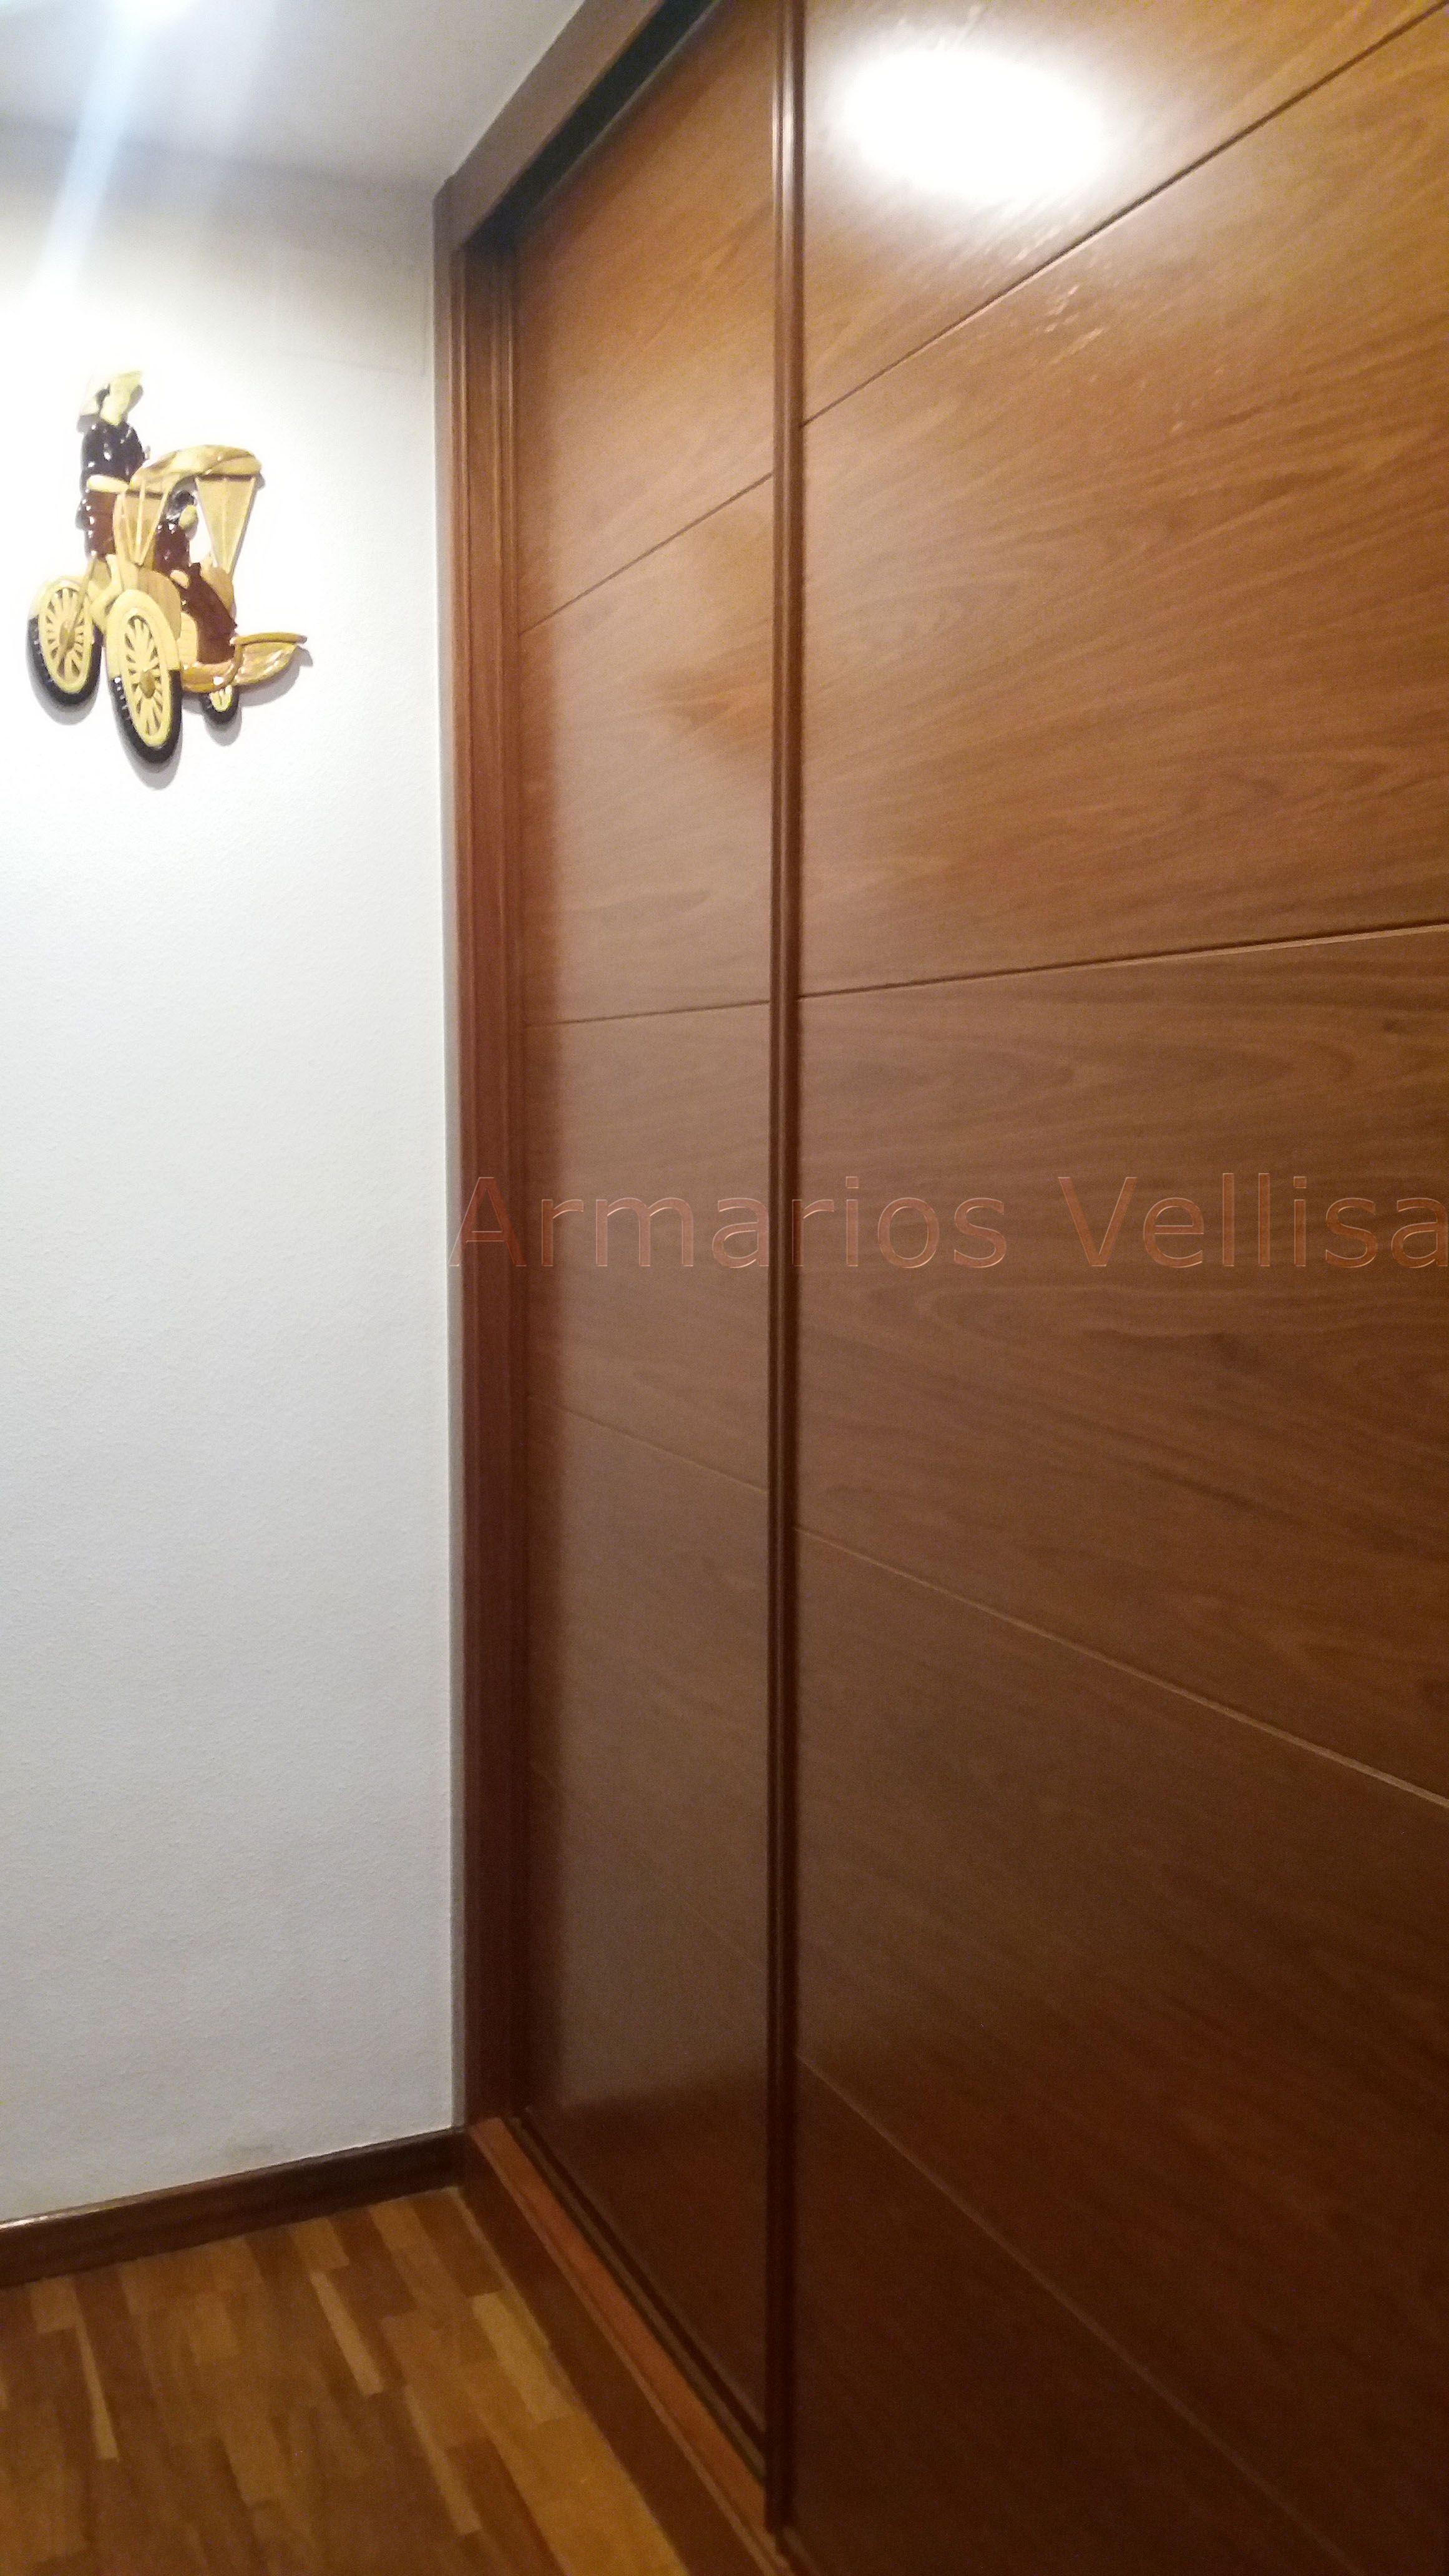 Armario empotrado en pasillo 239 x 181 x 66 2 puertas for Armarios roperos puertas correderas